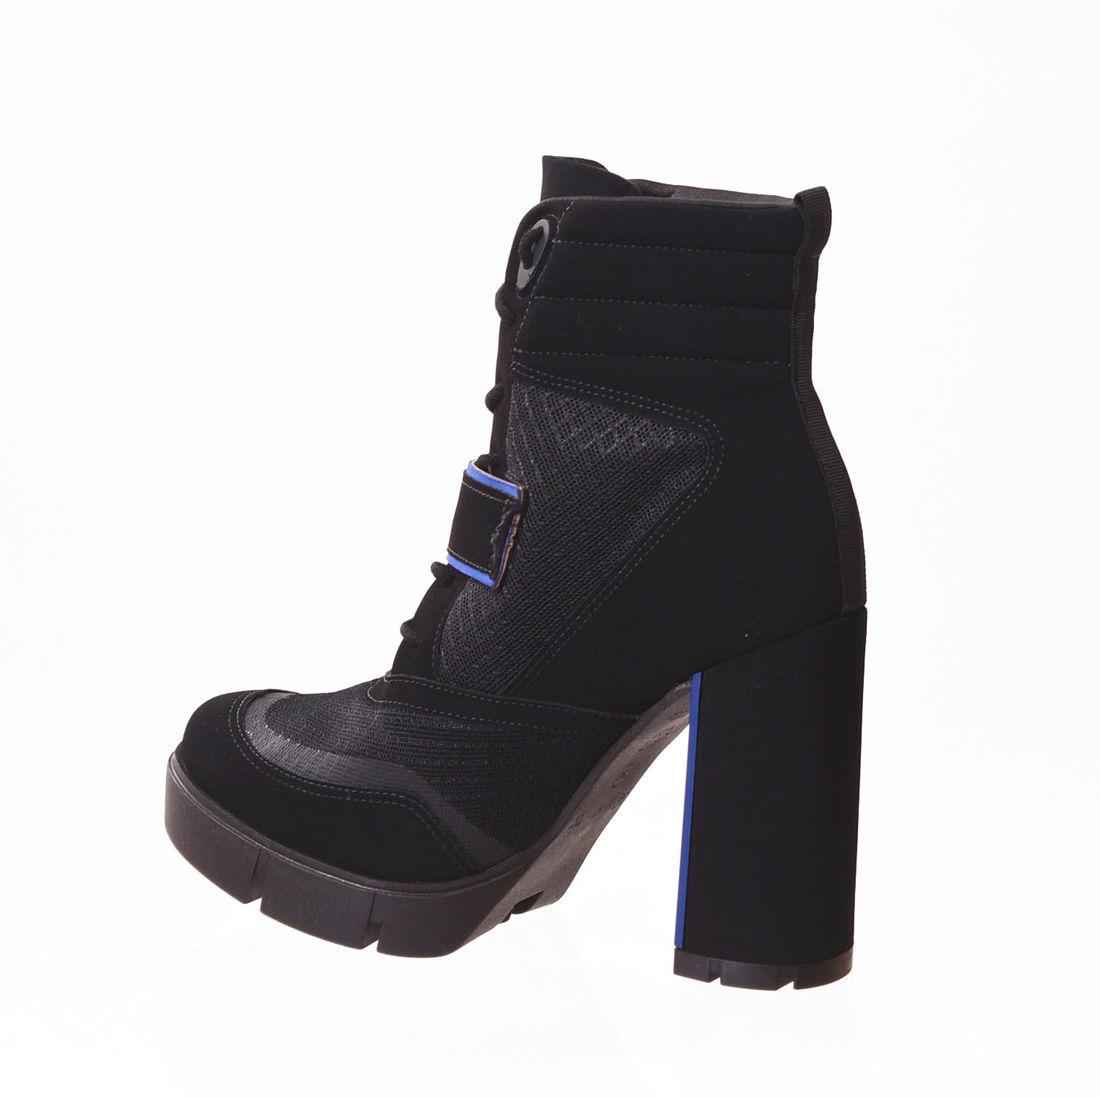 736fd5964 ... Bota Coturno Bebecê Ankle Boot Nobuck Solado Tratorado Detalhe Vélcro  Preta e Azul ...